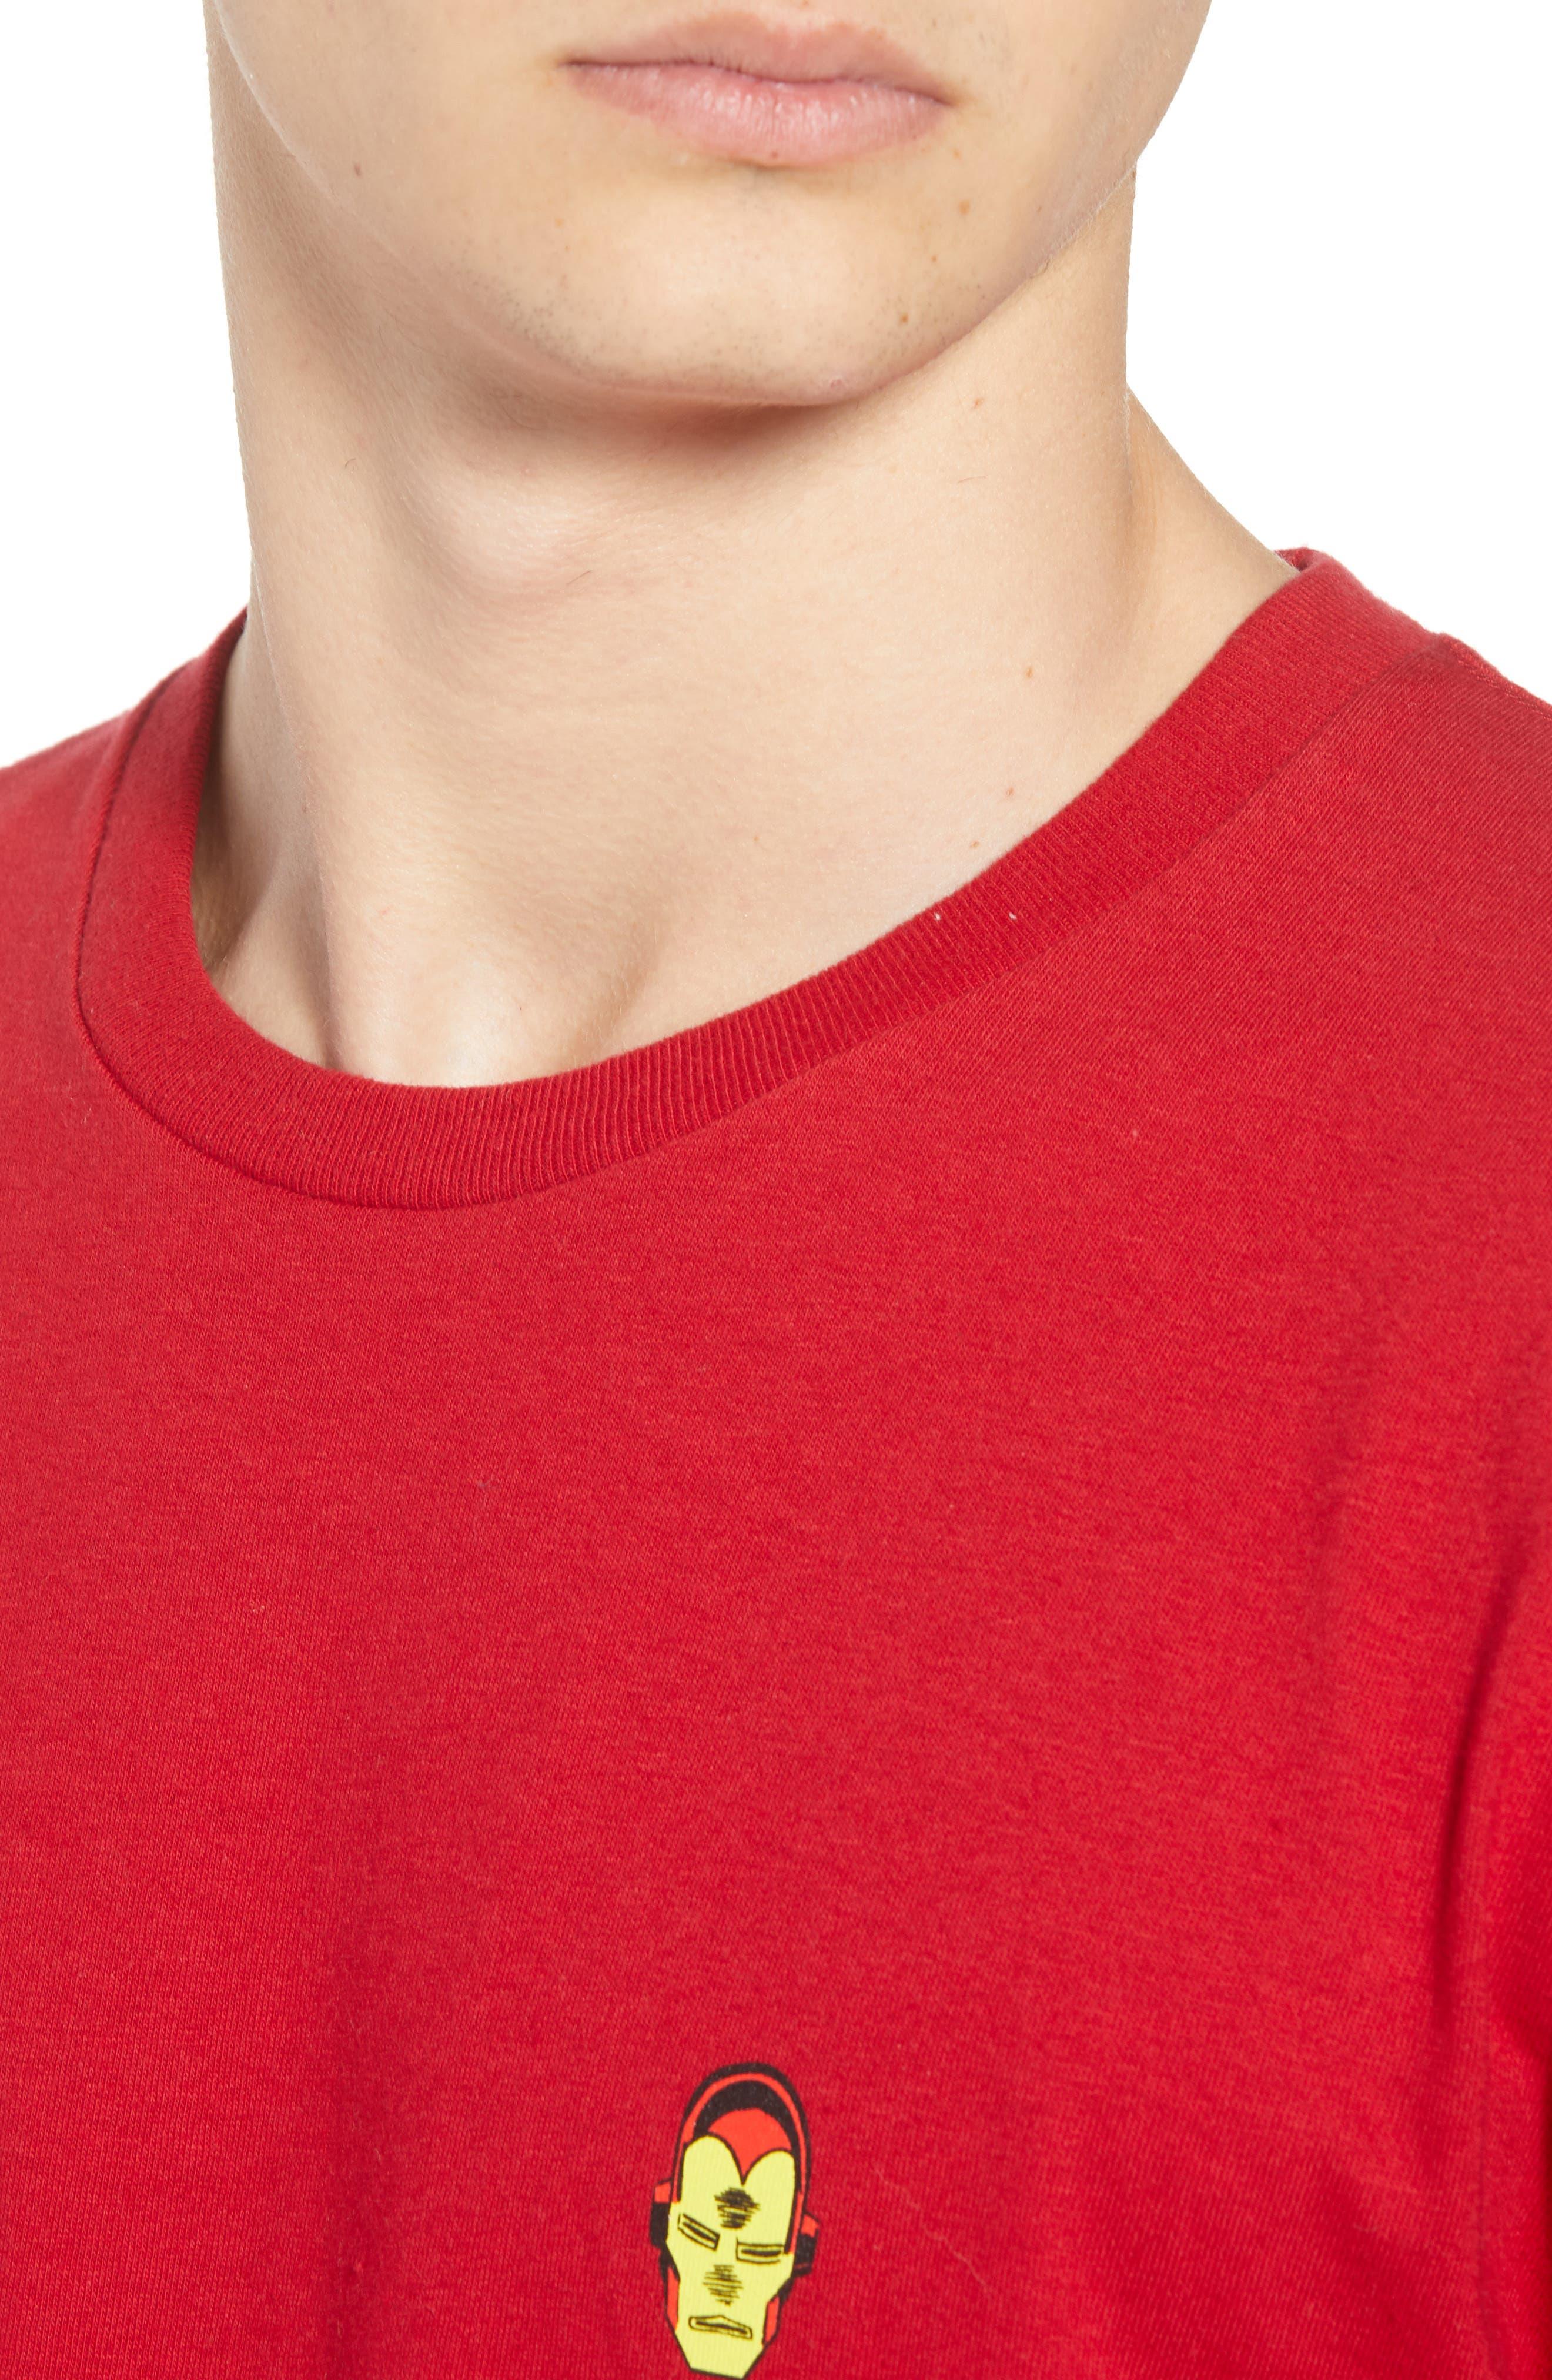 x Marvel<sup>®</sup> Iron Man T-Shirt,                             Alternate thumbnail 4, color,                             Cardinal